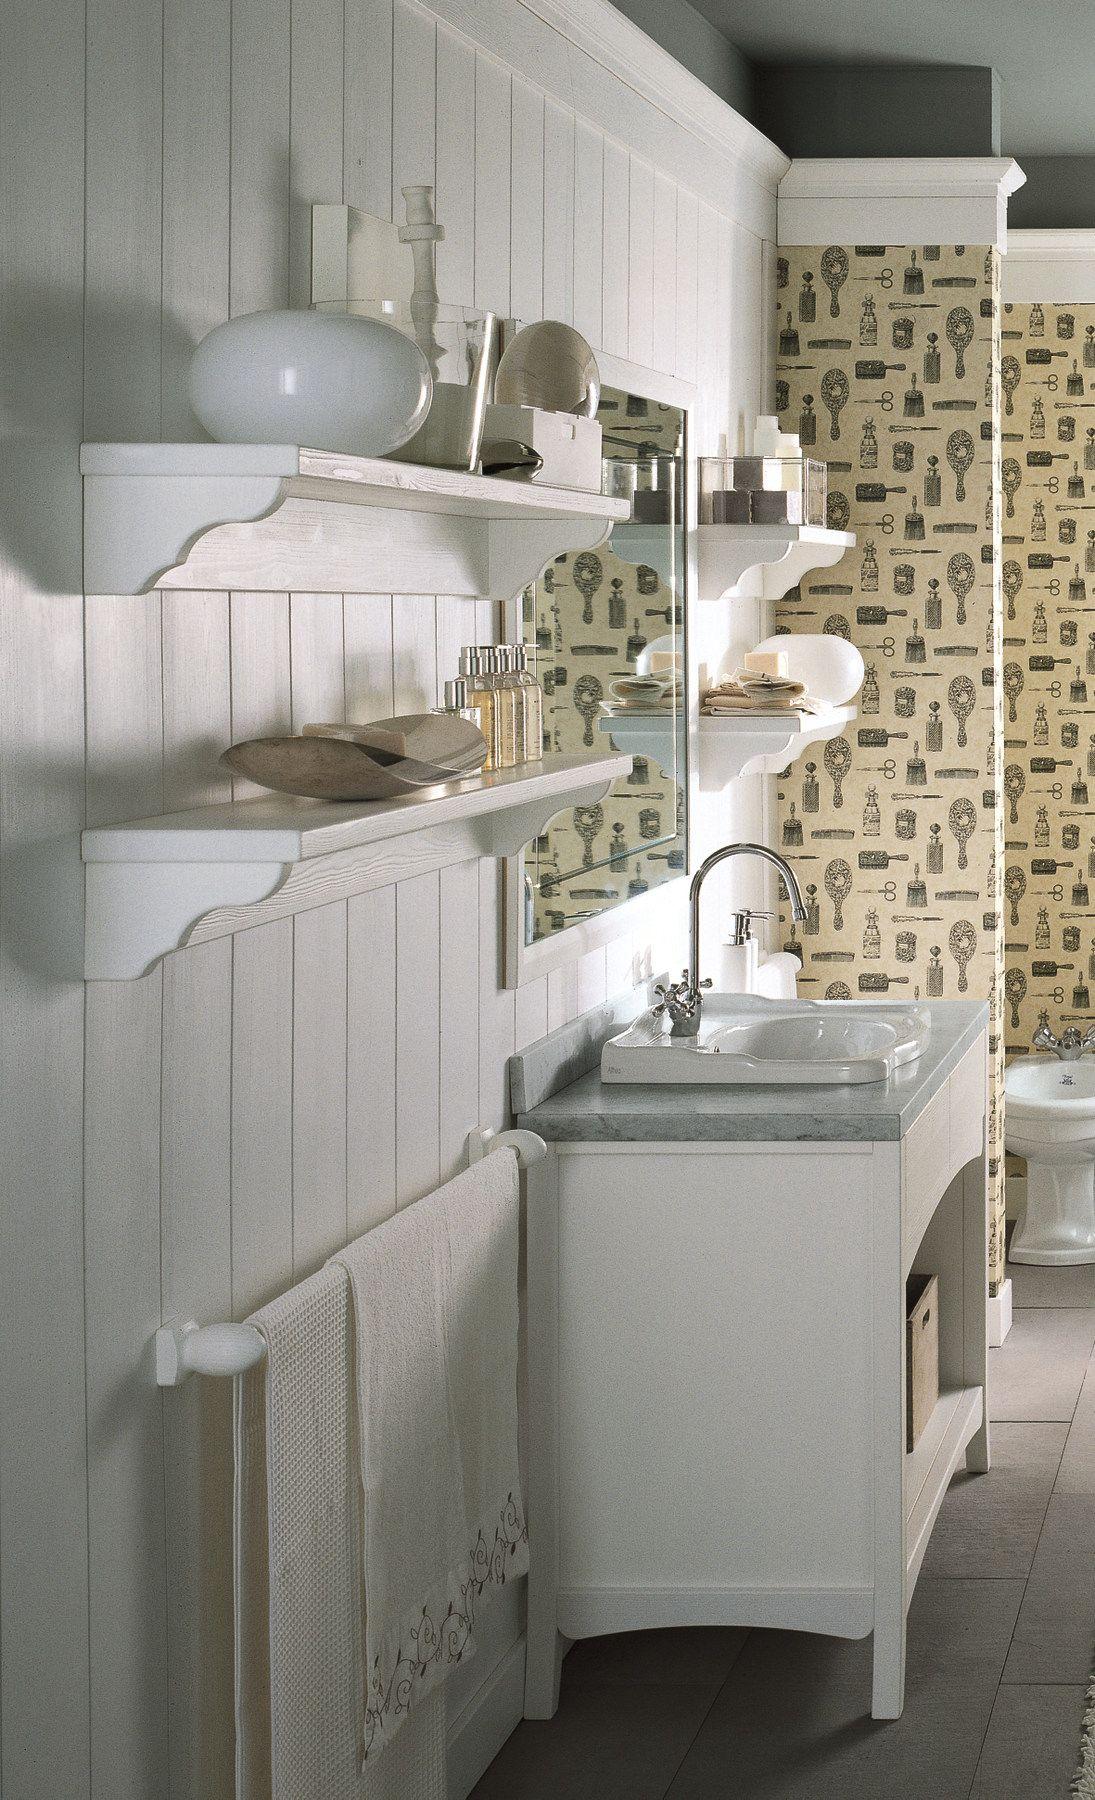 Arredo bagno completo nuovo mondo n19 collezione nuovo mondo by scandola mobili for Stock mobili bagno arredo